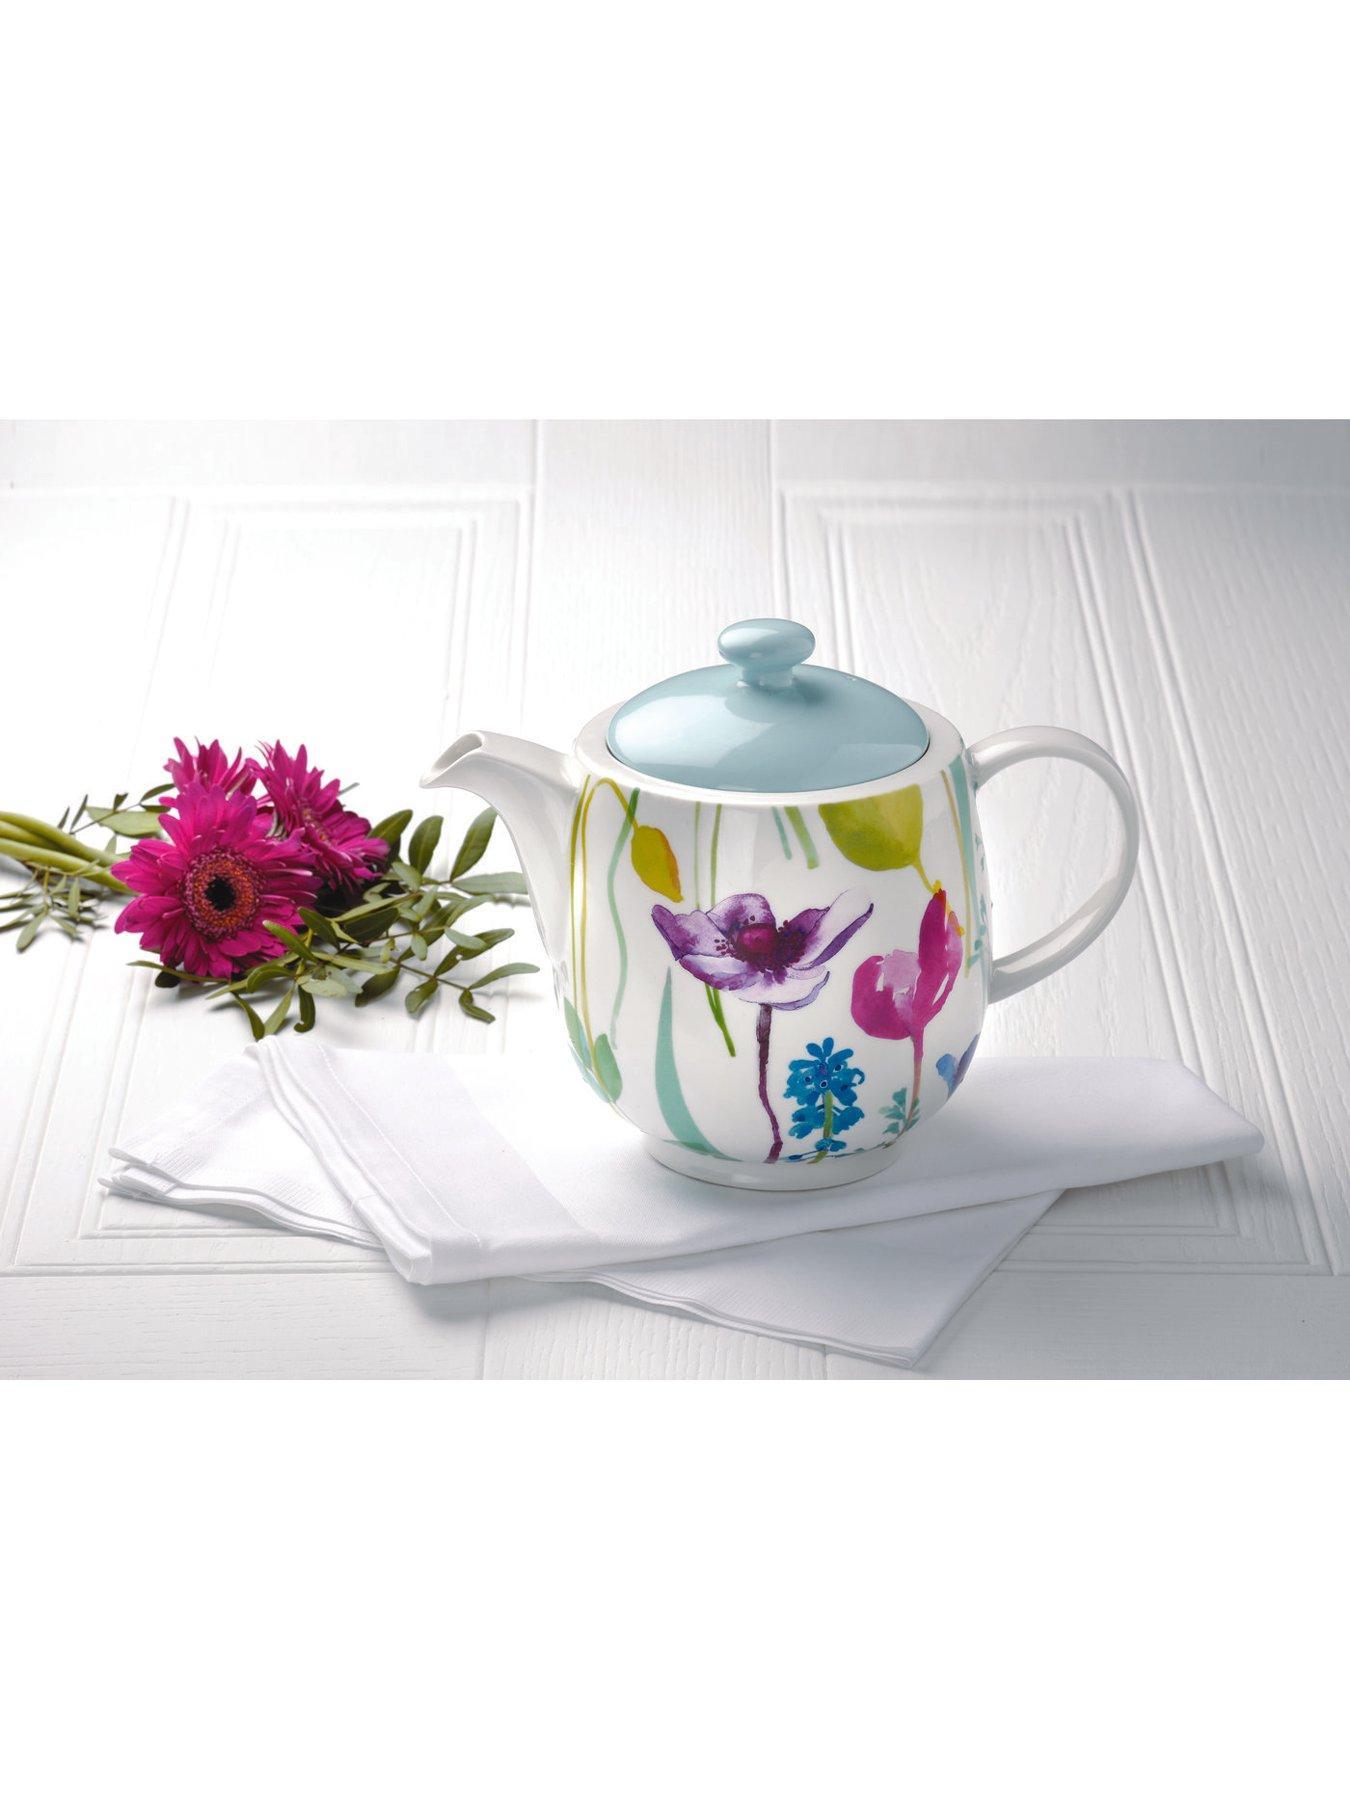 Portmeirion Water Garden 3Piece Tea Set verycouk